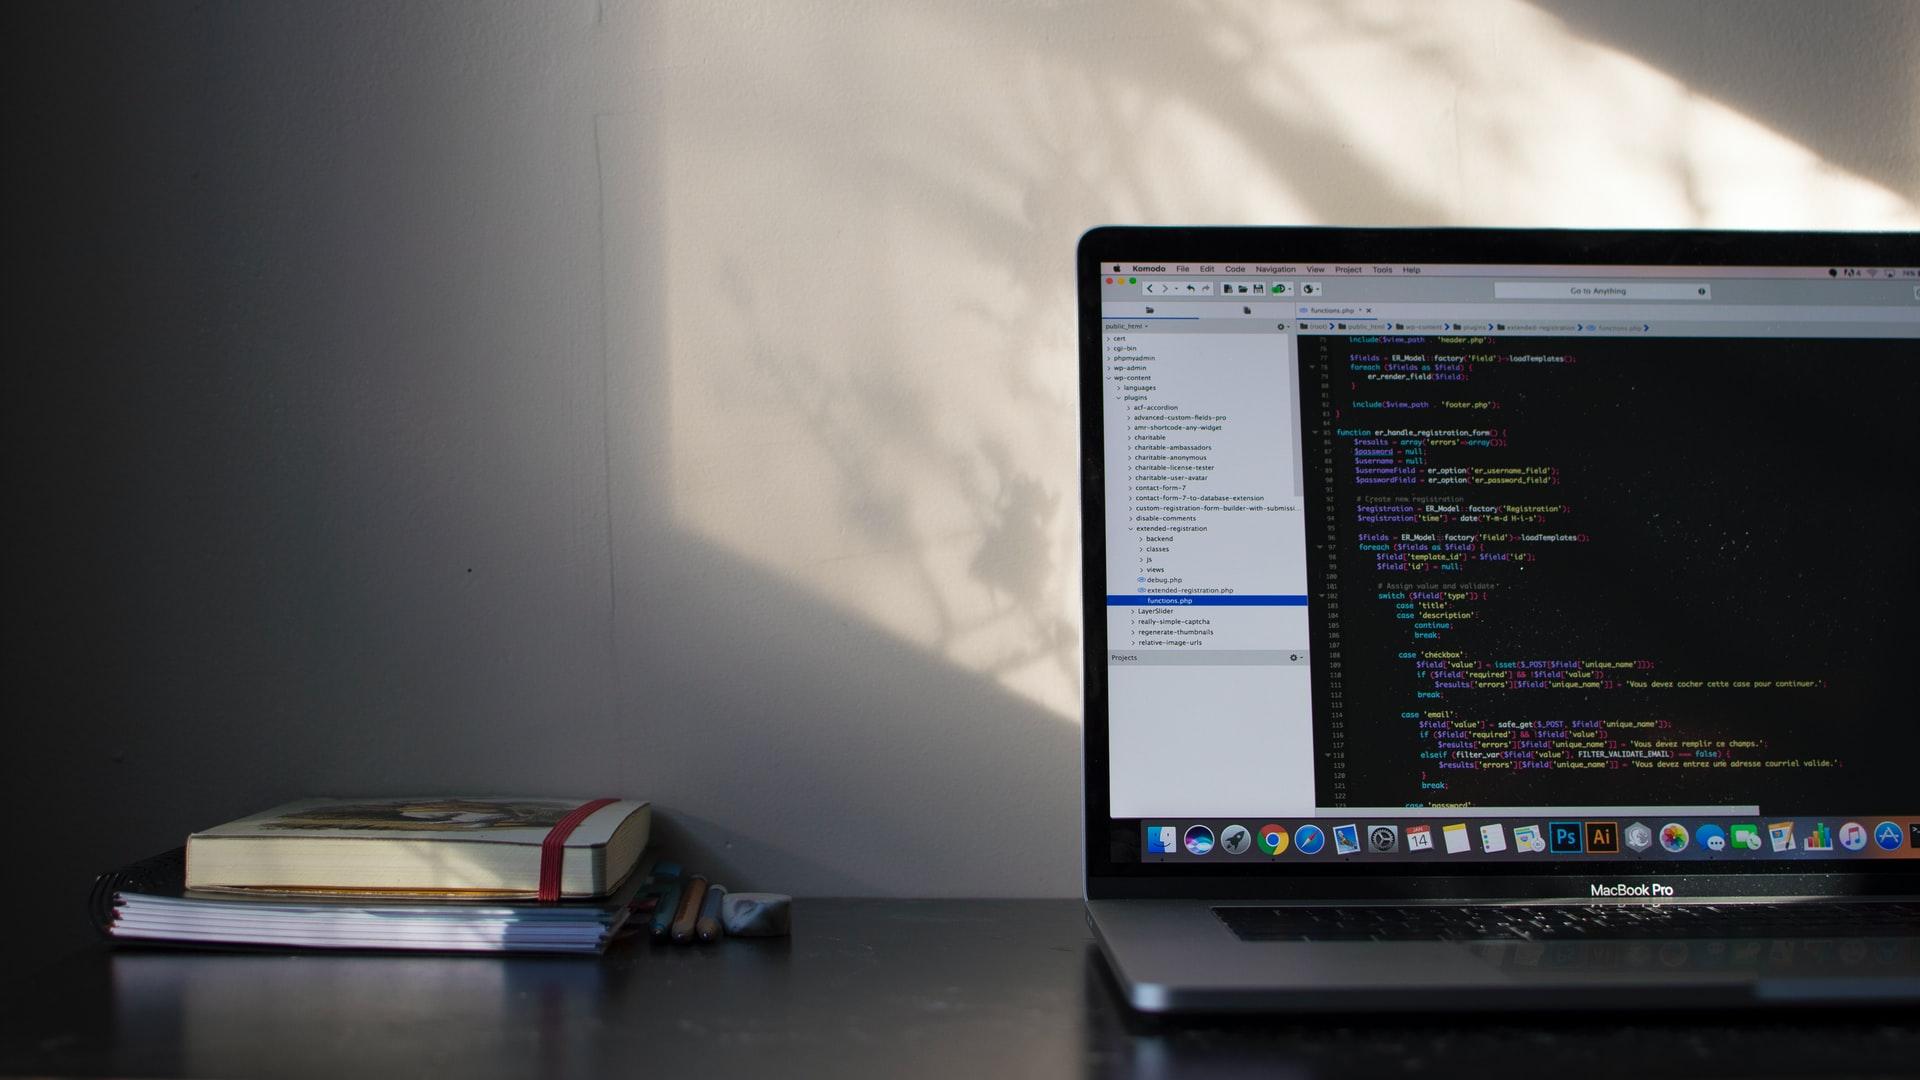 Os 7 erros mais comuns na criação de sites